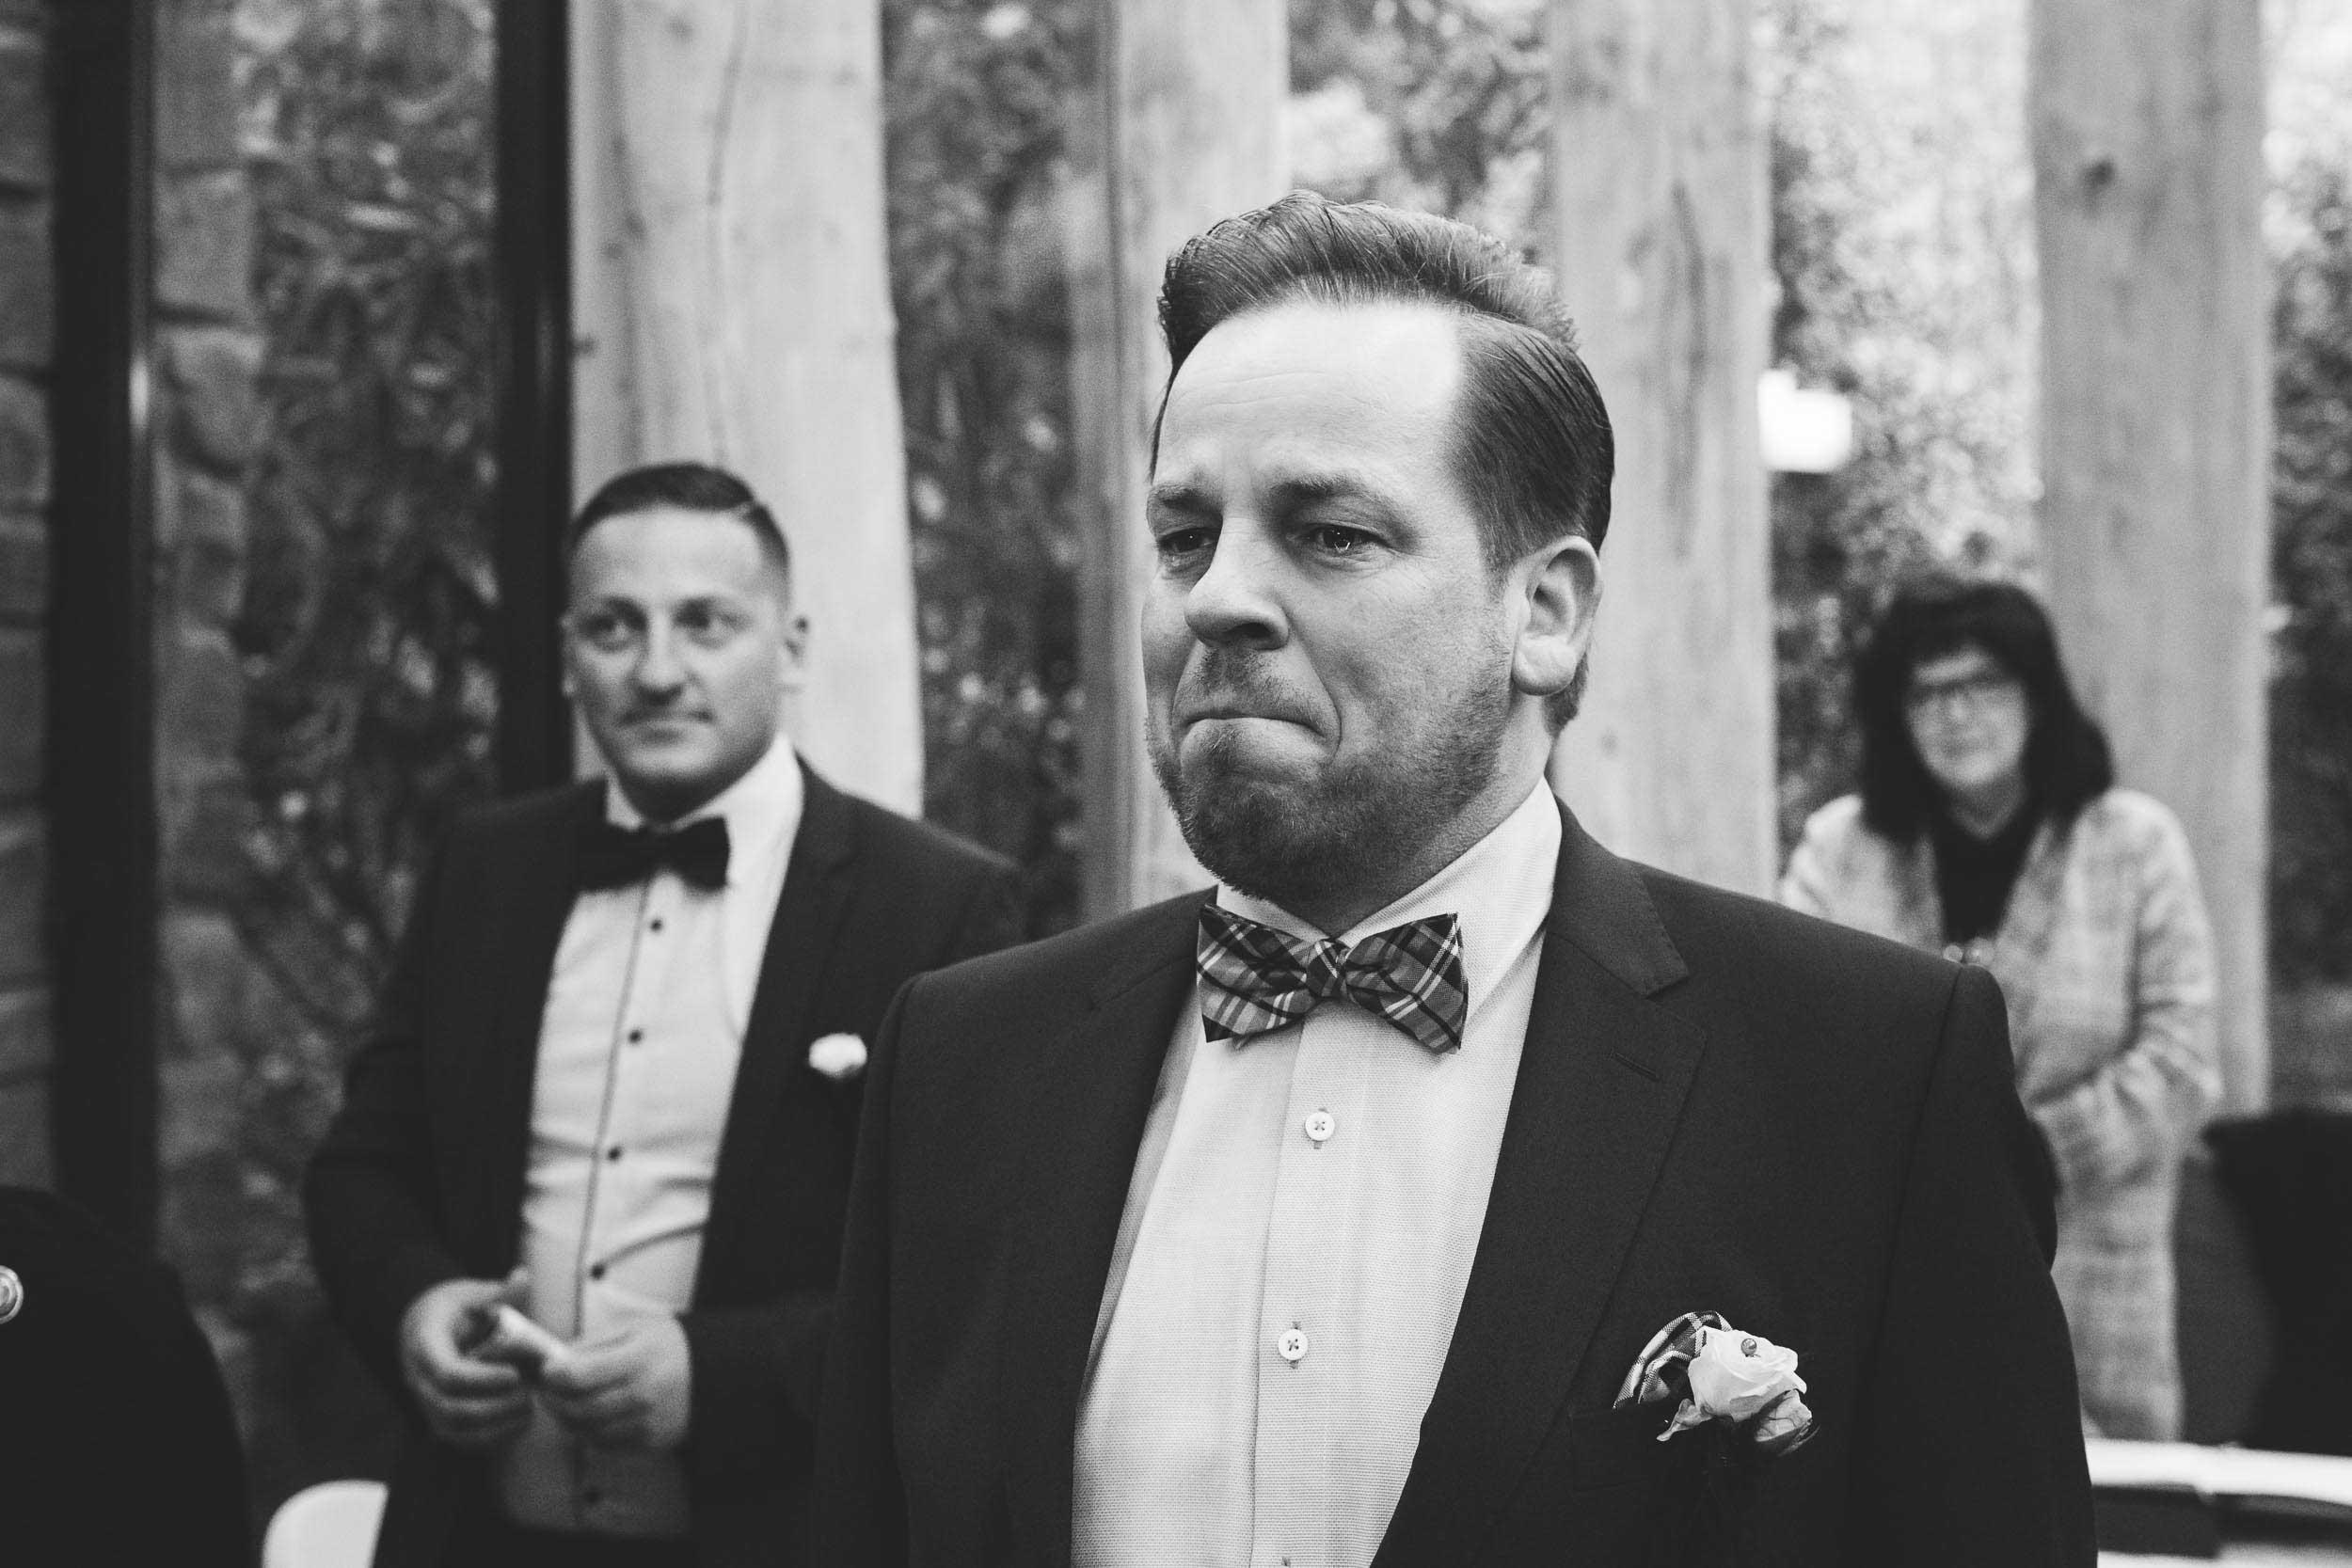 Hochzeitsfotograf-koeln-3.jpg